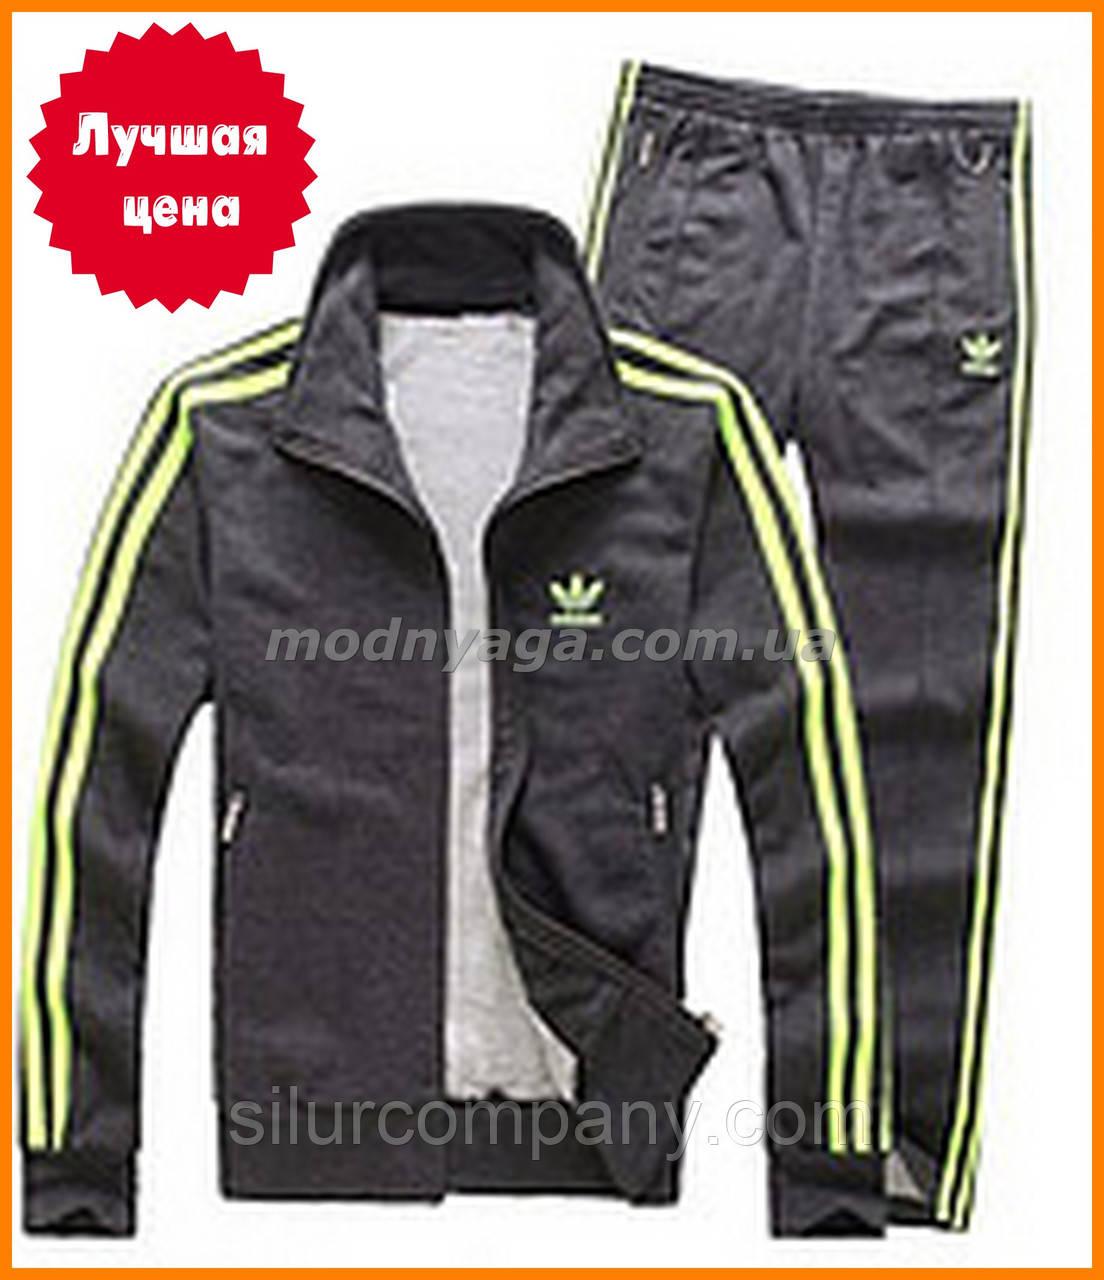 143616caa3c0 Спортивный костюм подросток адидас - Интернет магазин